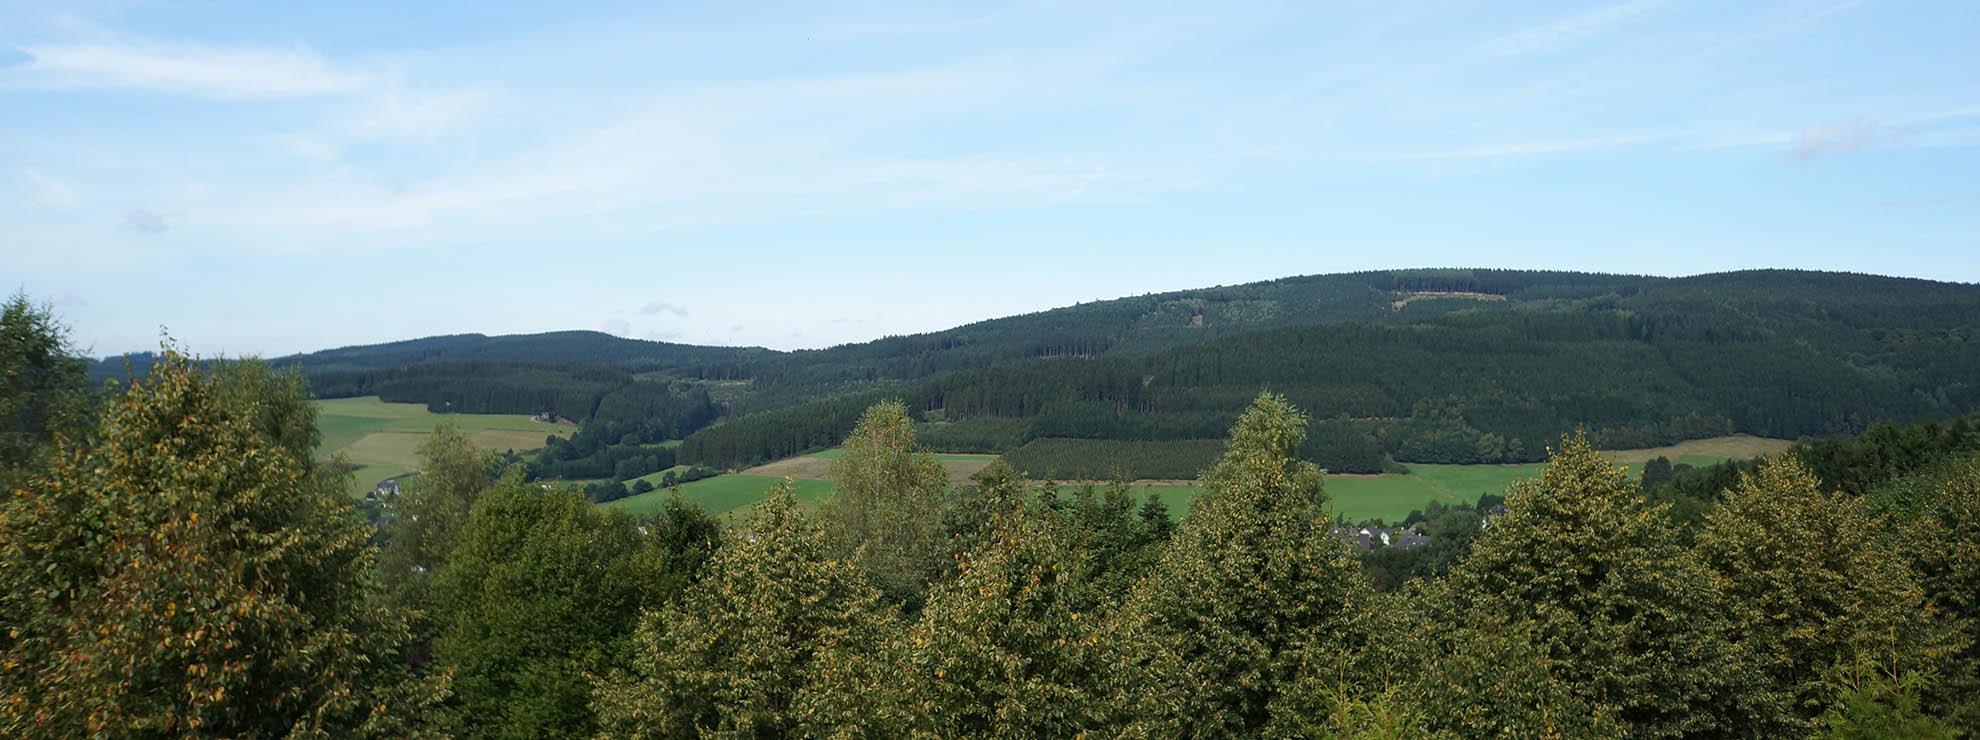 Unser Hotel liegt oberhalb vom Luftkurort Oberhundem am Rothaarsteig